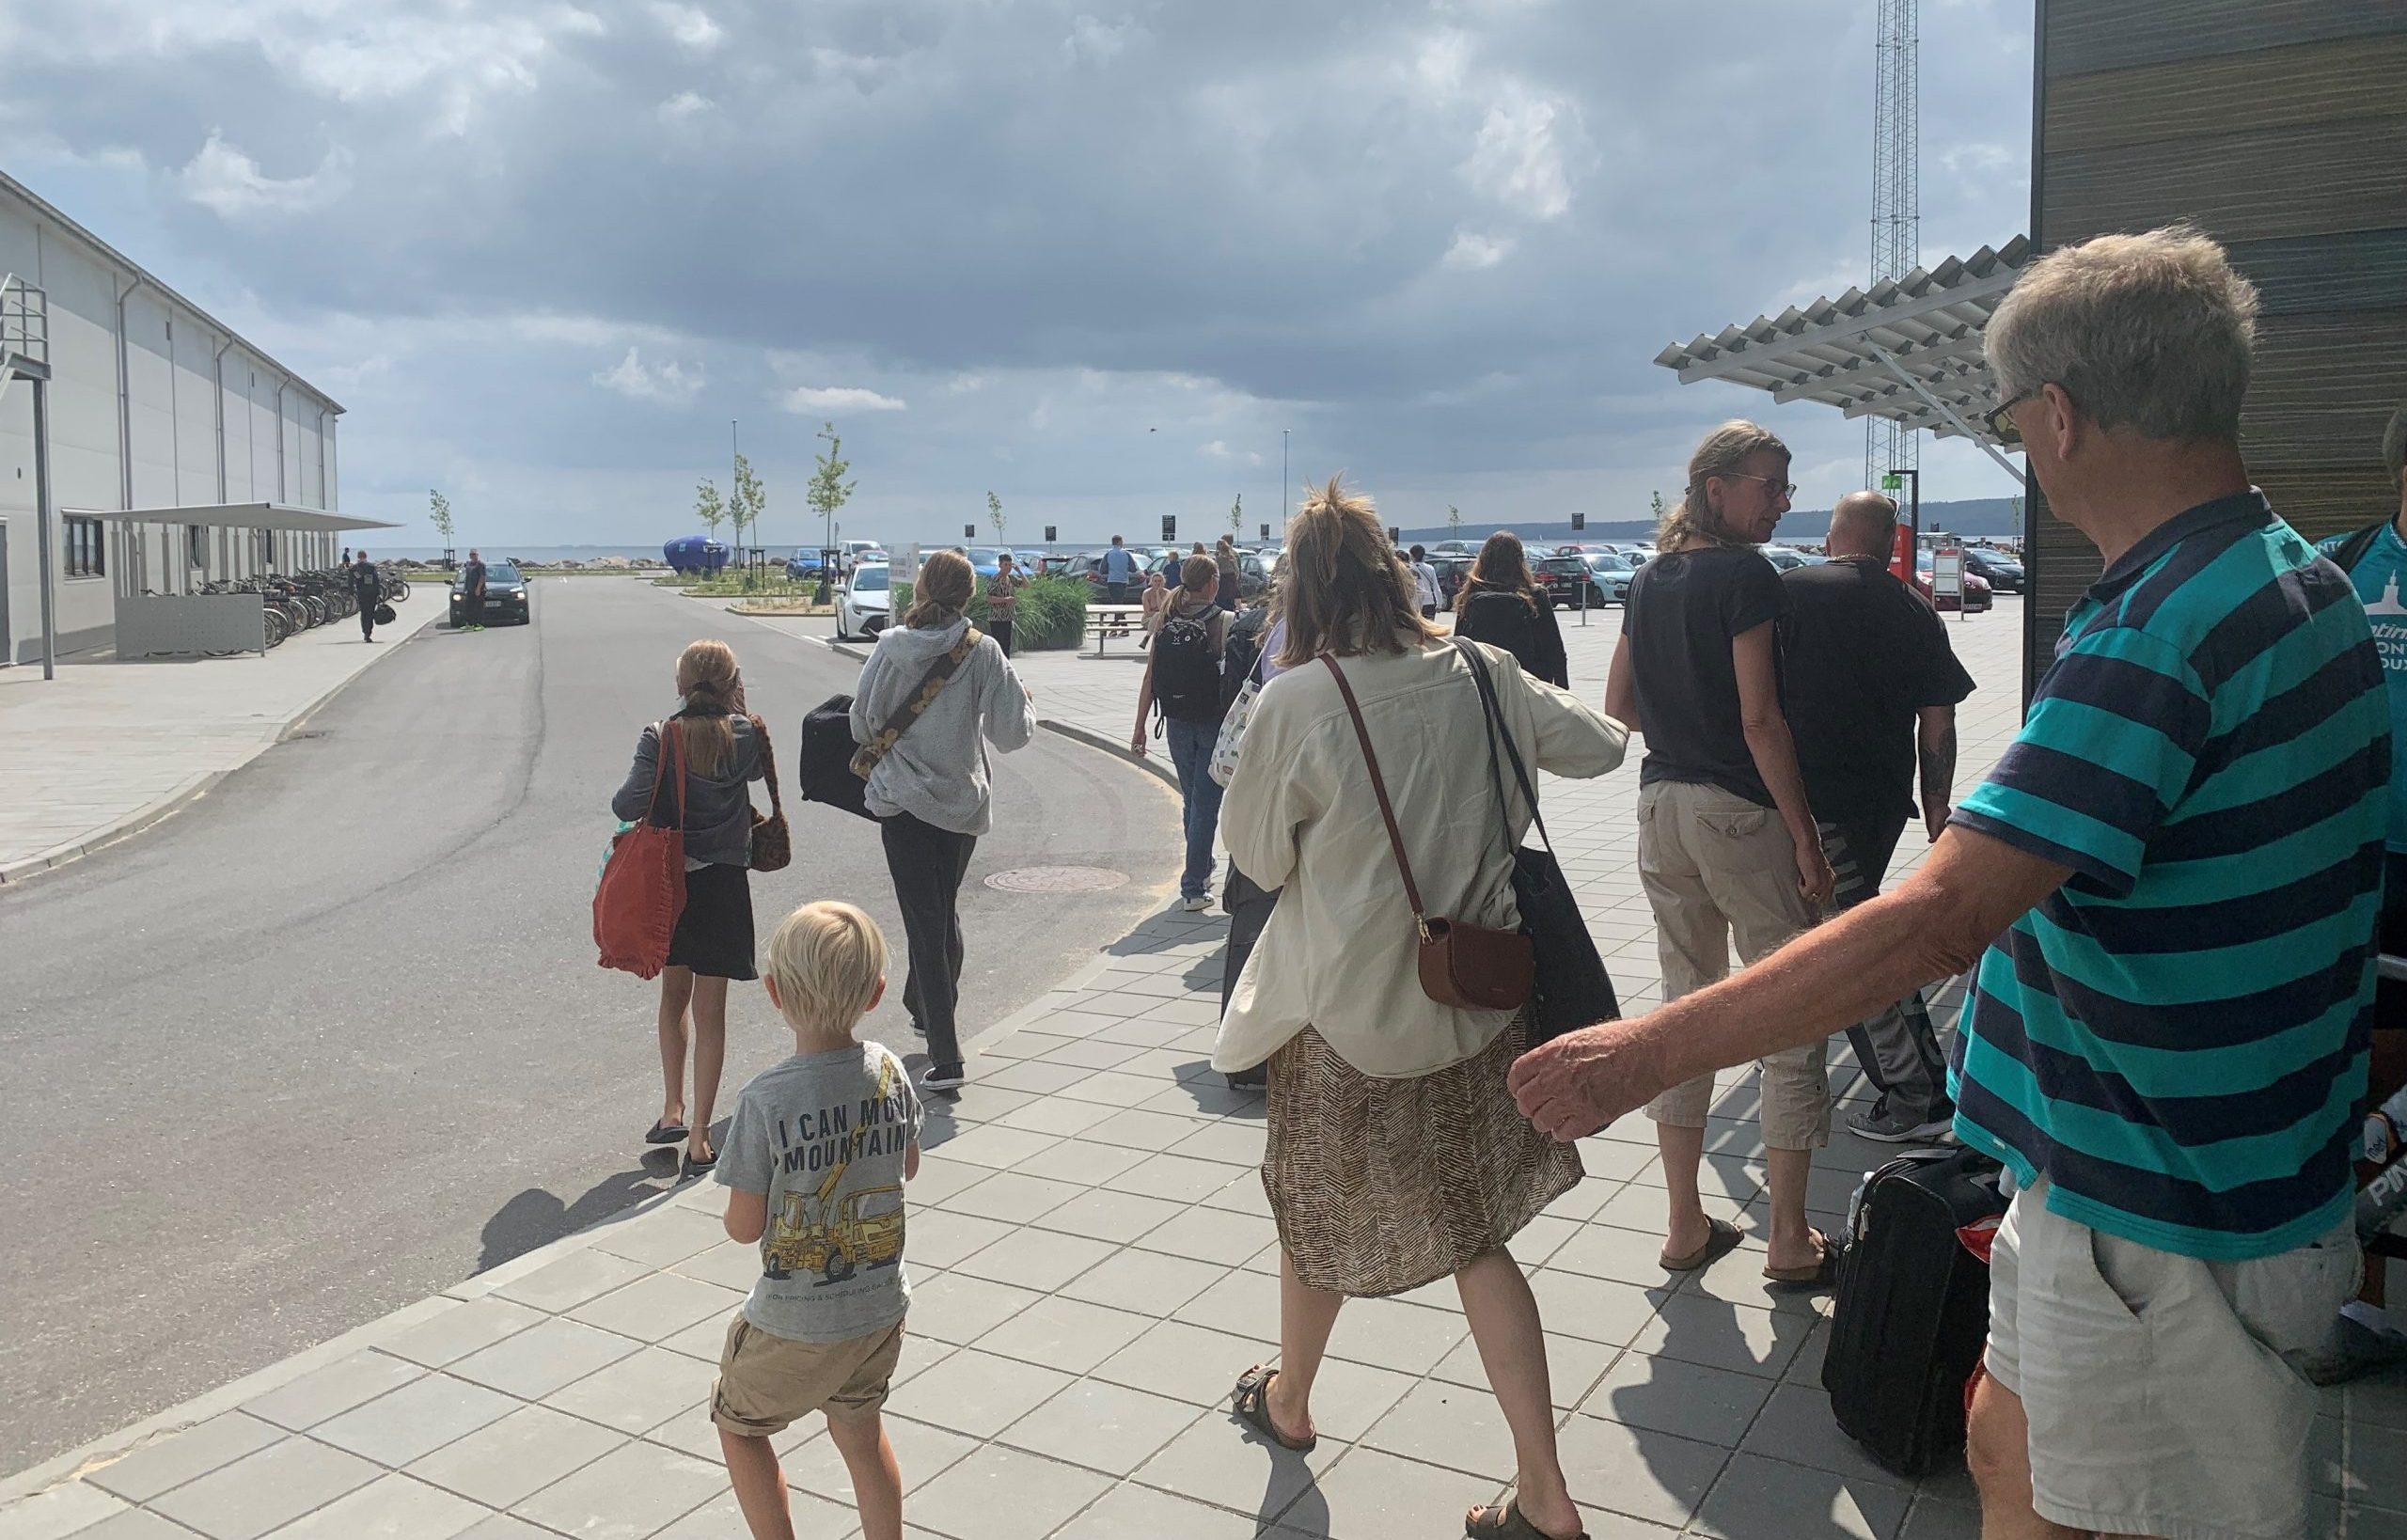 Molslinjen har indsat gratis shuttlebusser fra Kombardo Expressen mellem havnen i Aarhus og Aarhus midtby. Pressefoto: Molslinjen.